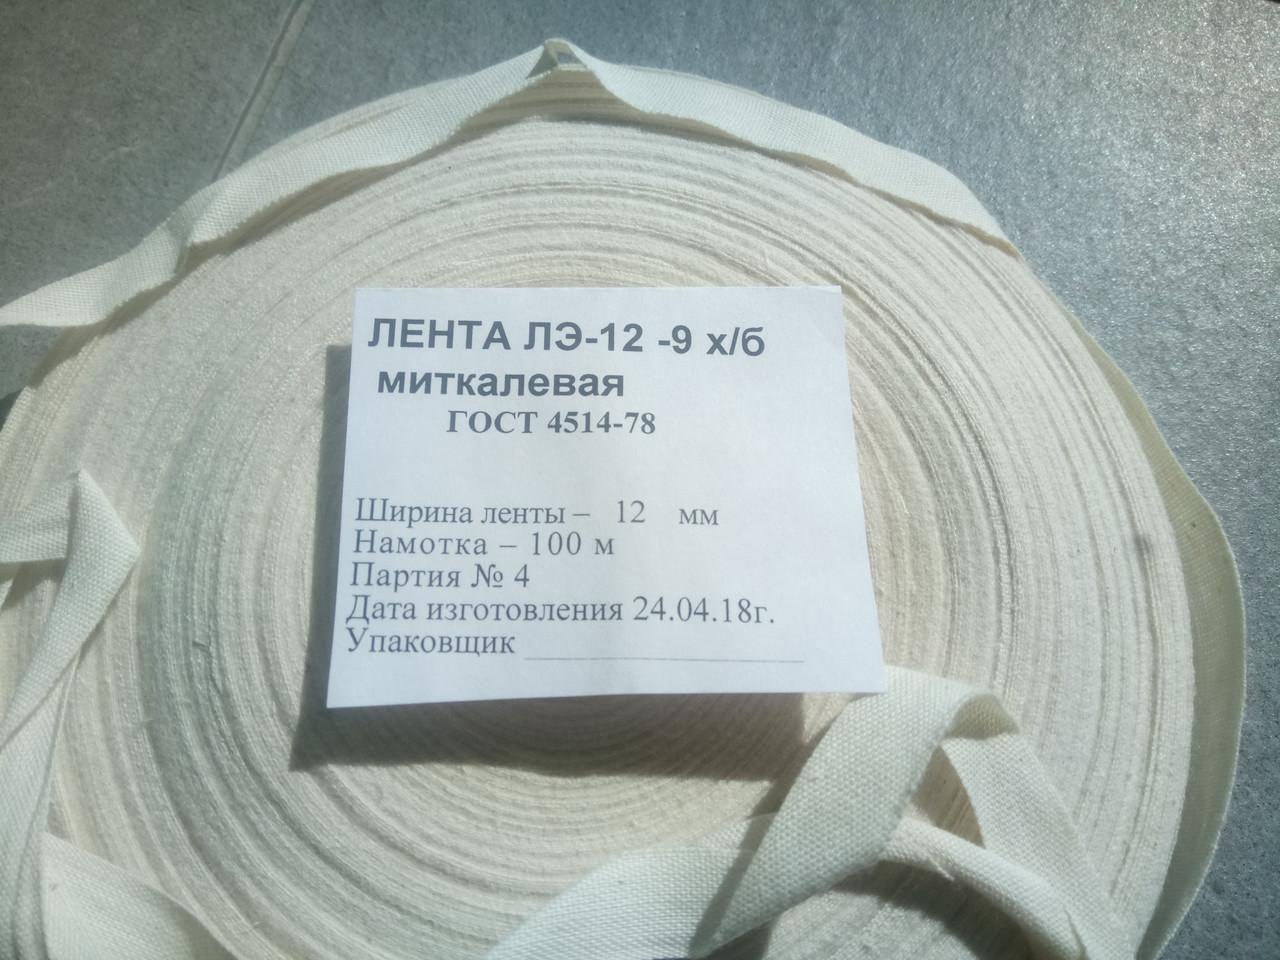 Лента миткалевая , ГОСТ 4514-78